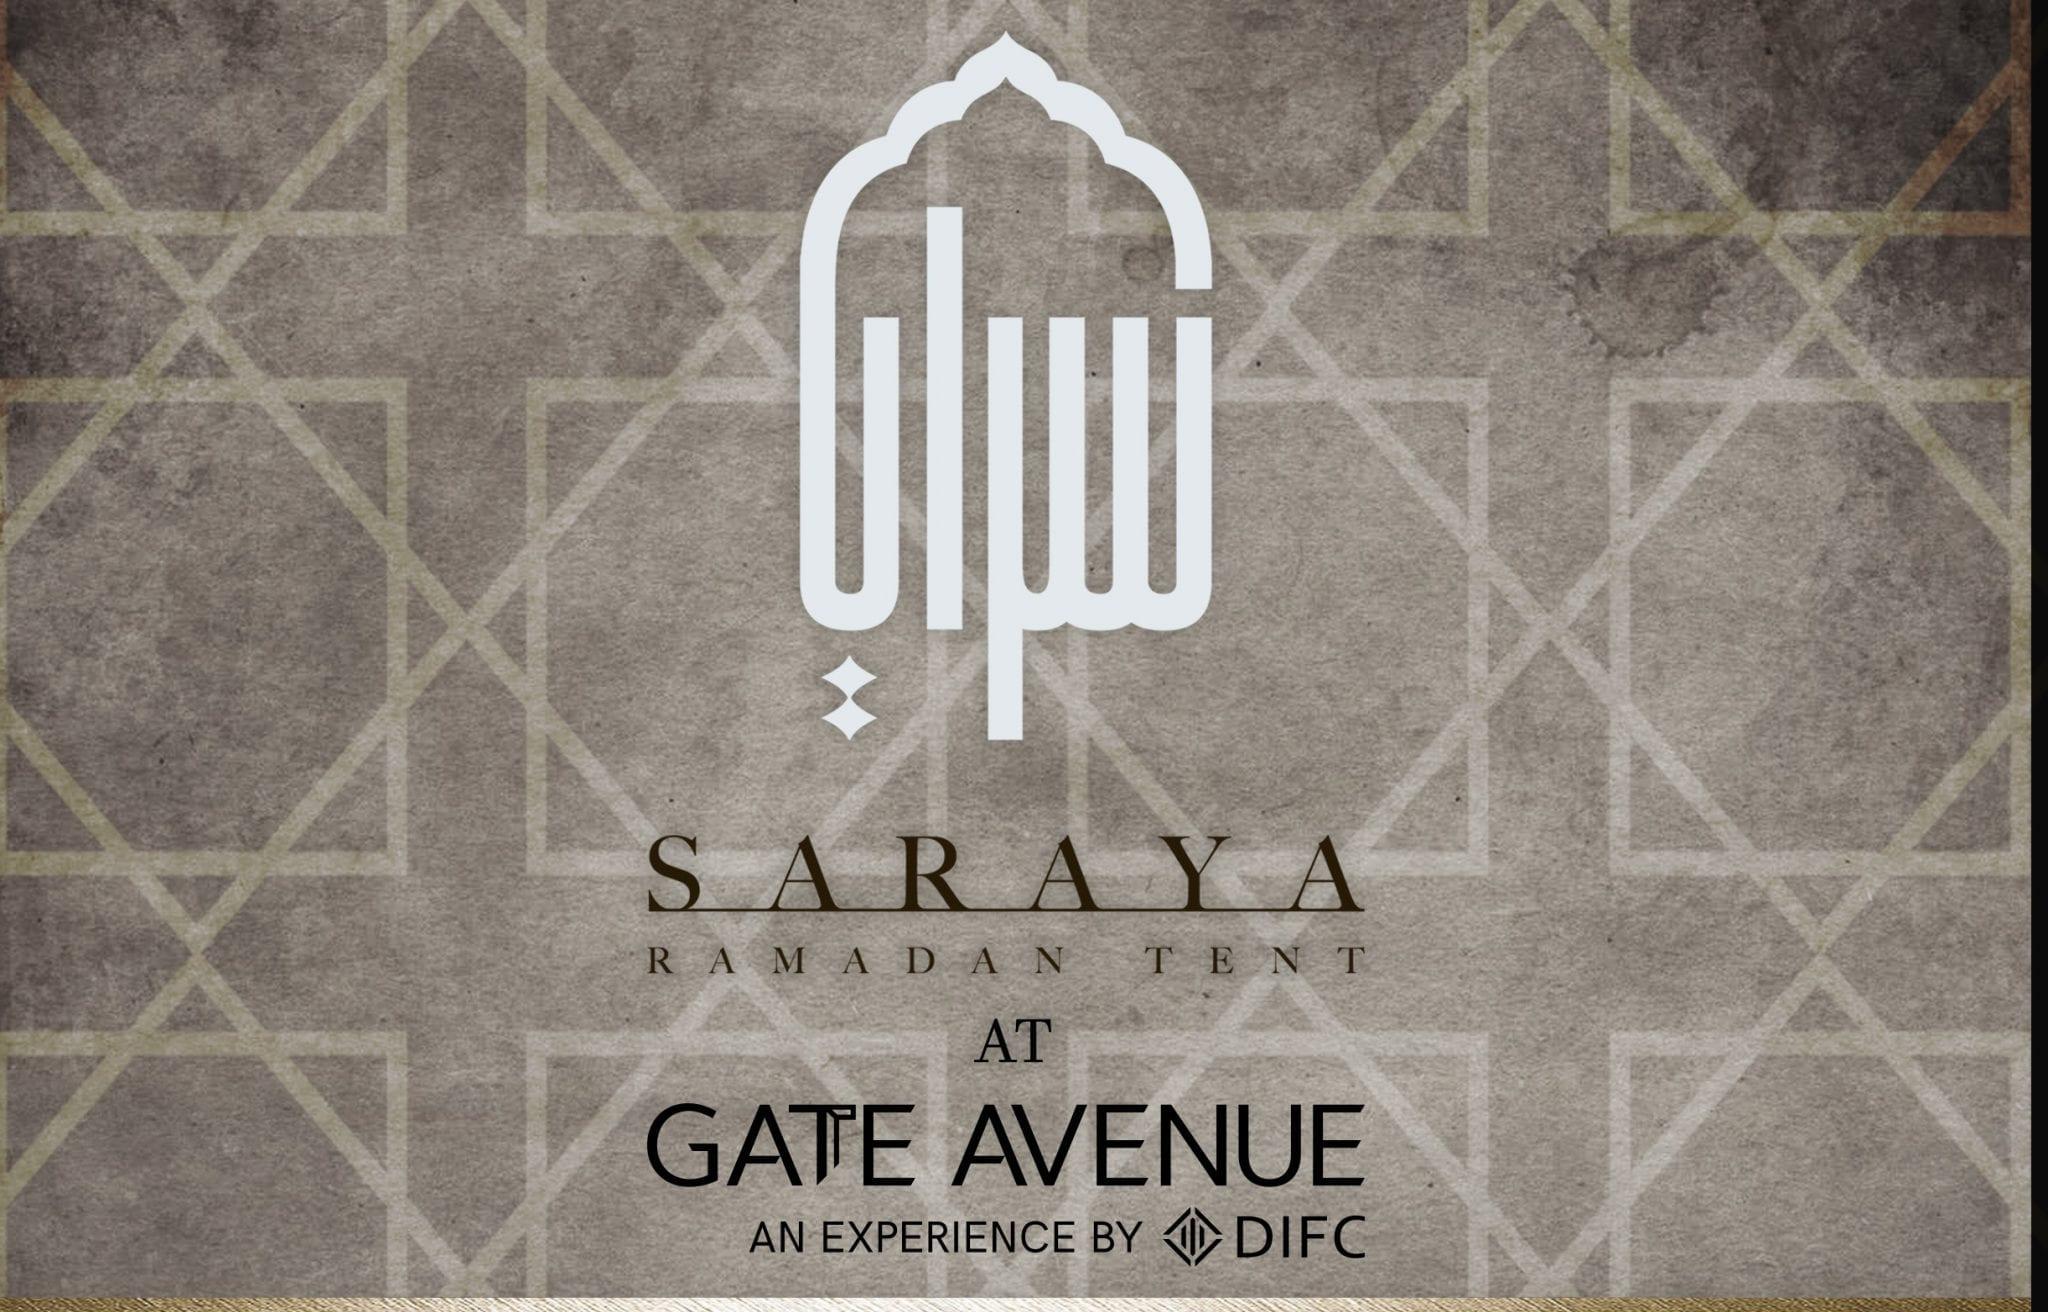 Saraya Ramadan Tent